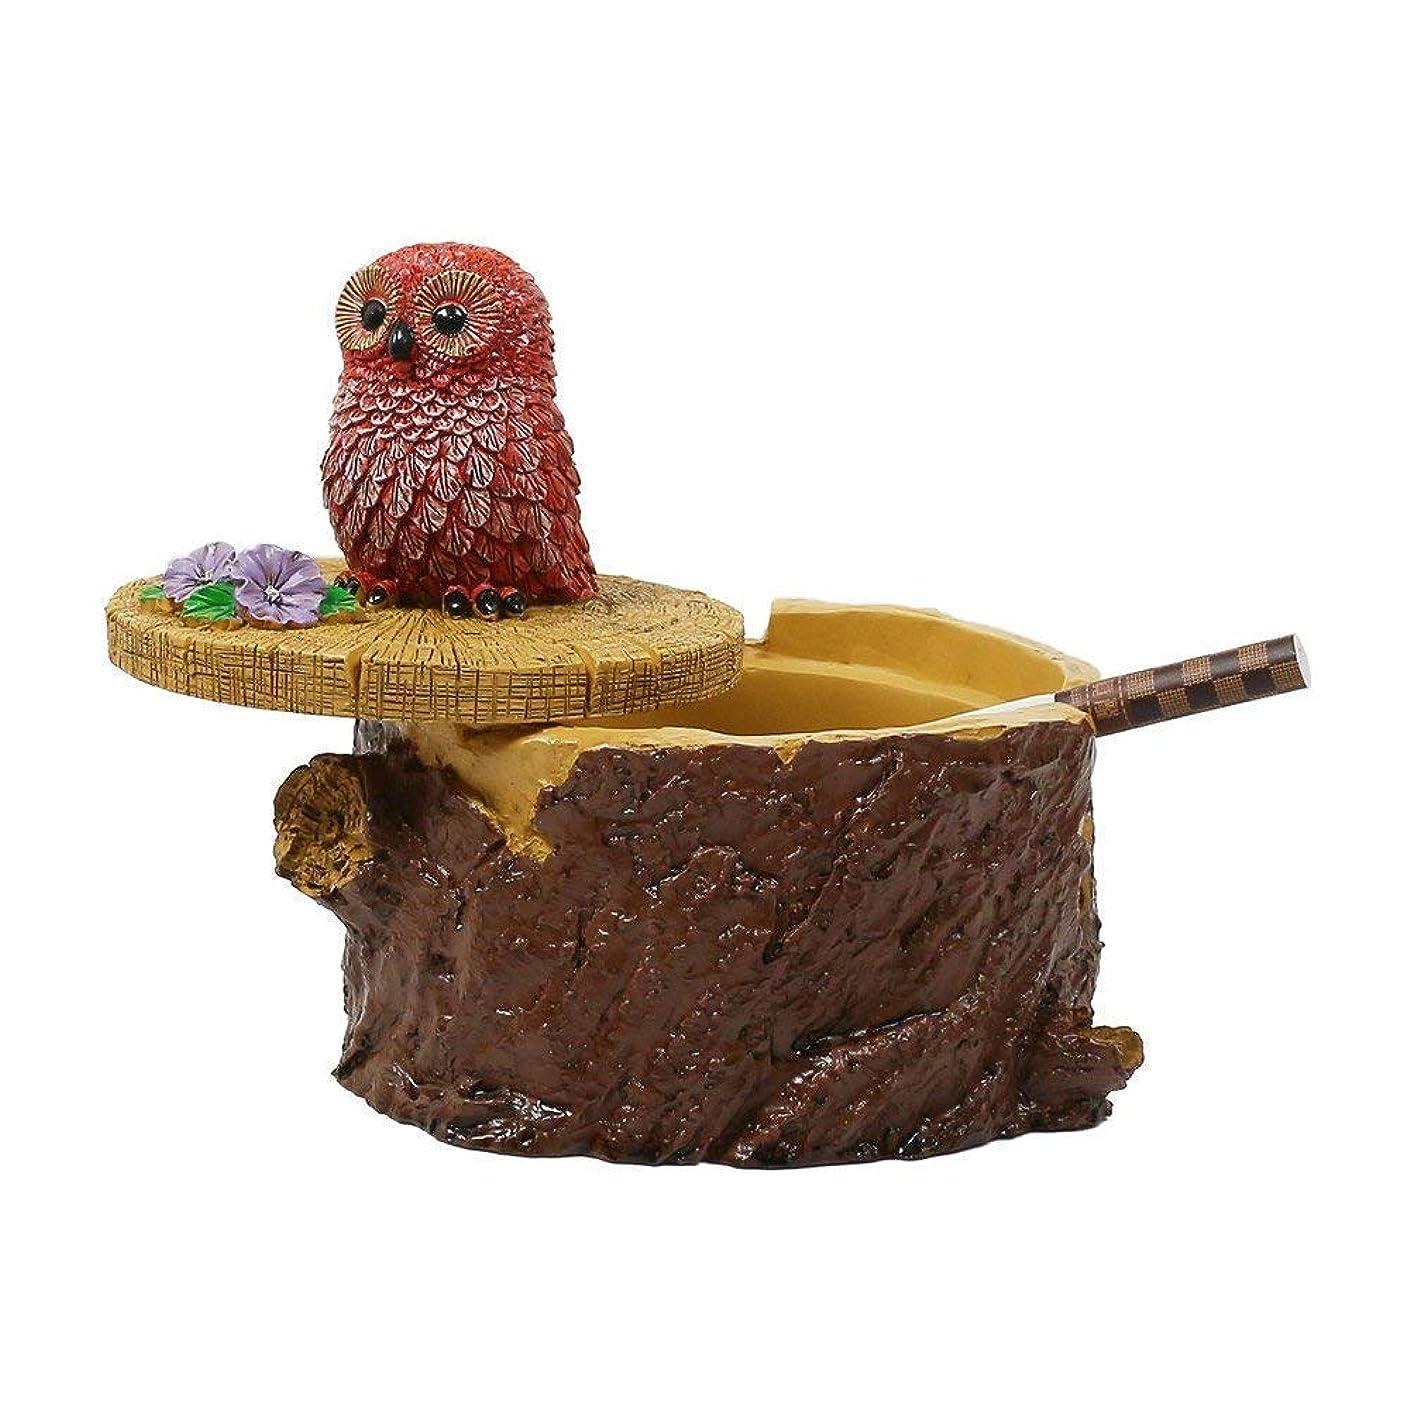 ペグ九ピジンタバコのための屋外灰皿家庭と庭のための蓋のかわいい樹脂フクロウの灰皿